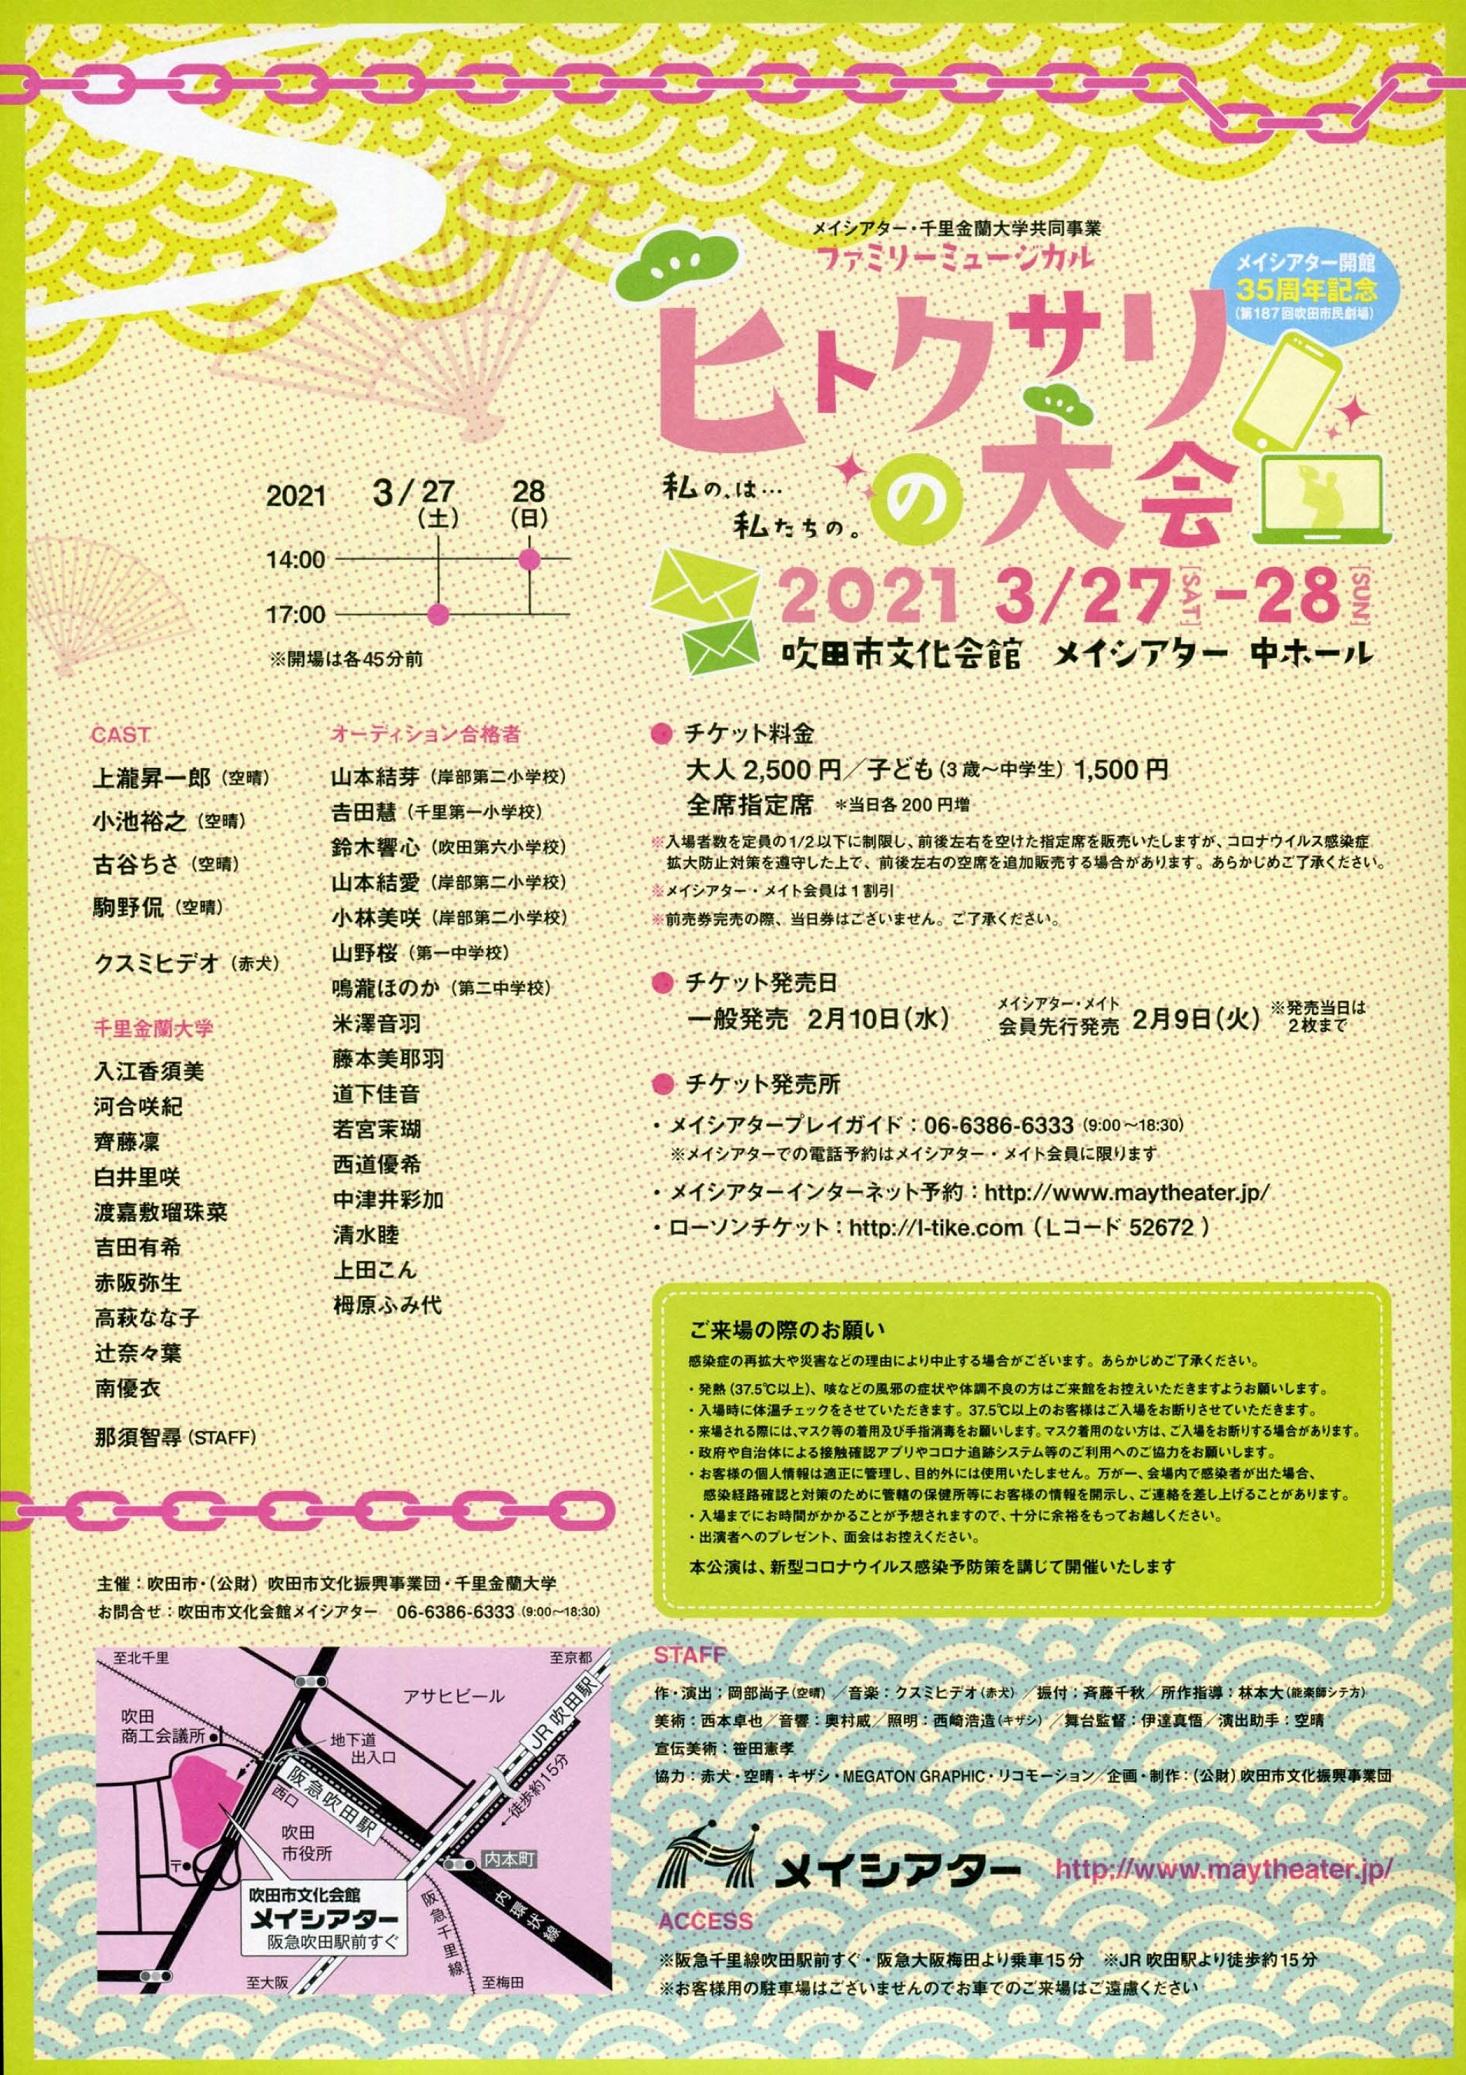 ファミリーミュージカル2021ウラ